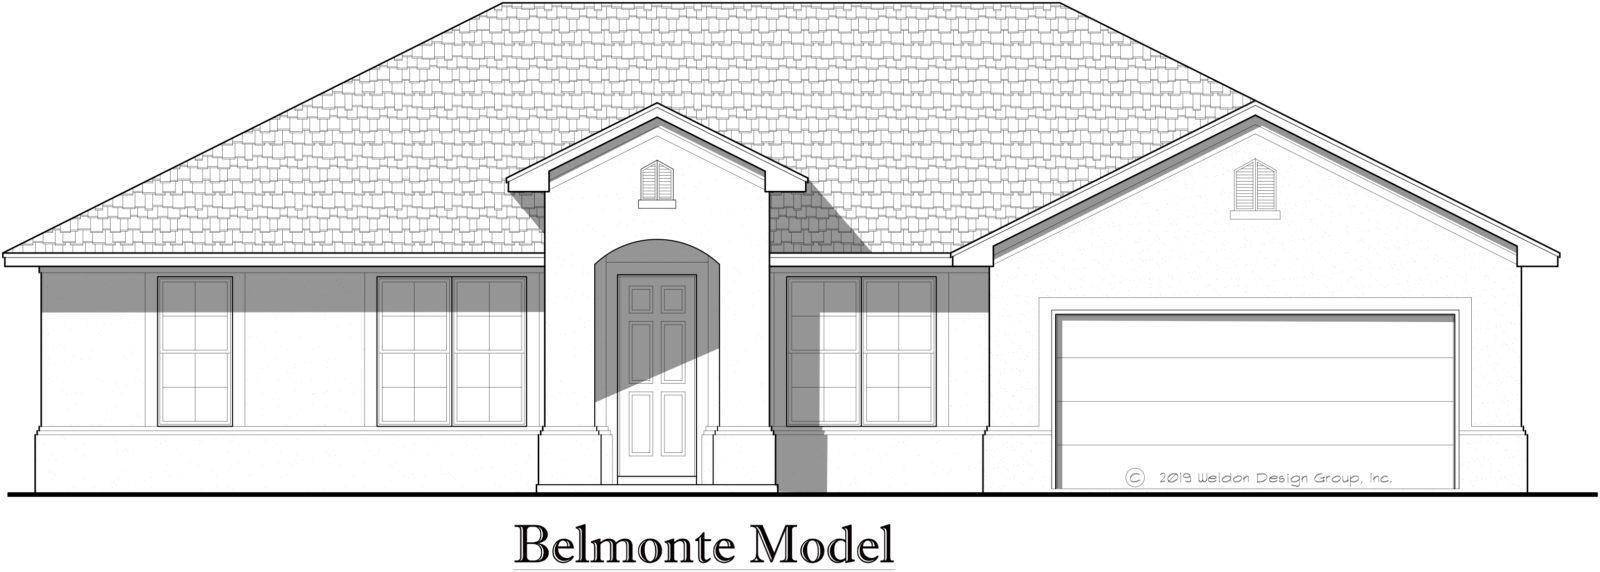 81-Belmonte-Model.dwg